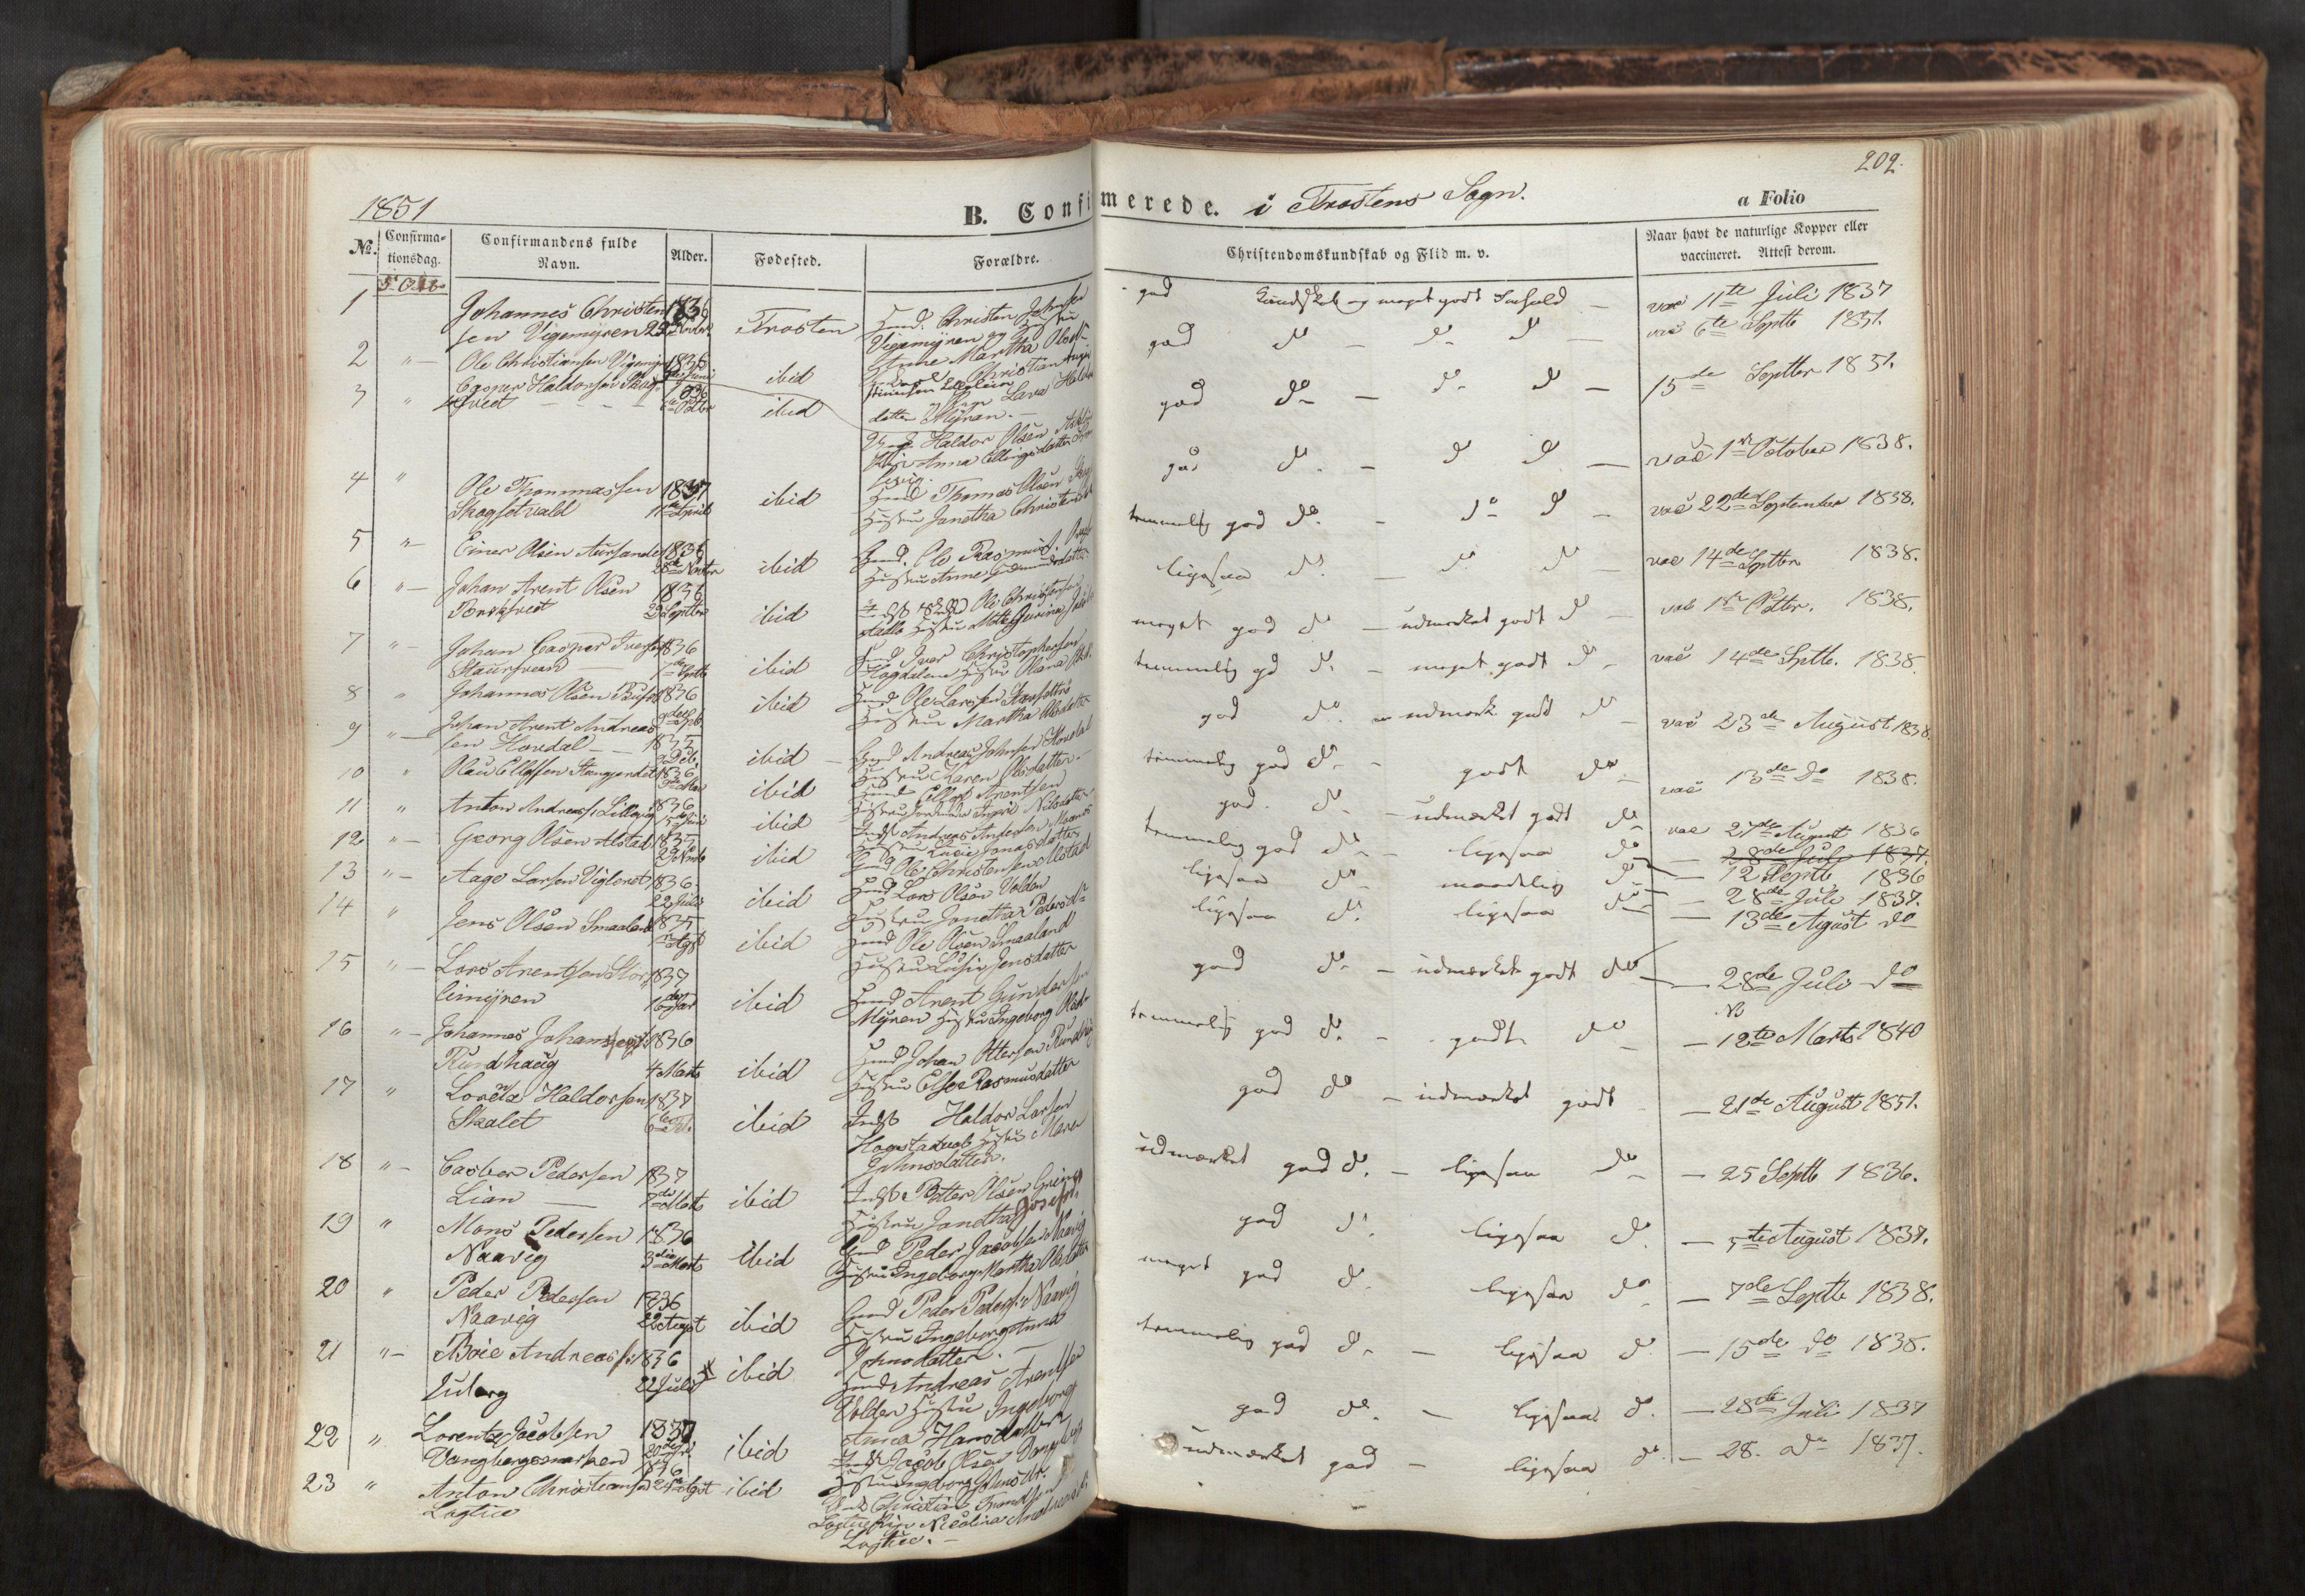 SAT, Ministerialprotokoller, klokkerbøker og fødselsregistre - Nord-Trøndelag, 713/L0116: Ministerialbok nr. 713A07, 1850-1877, s. 202